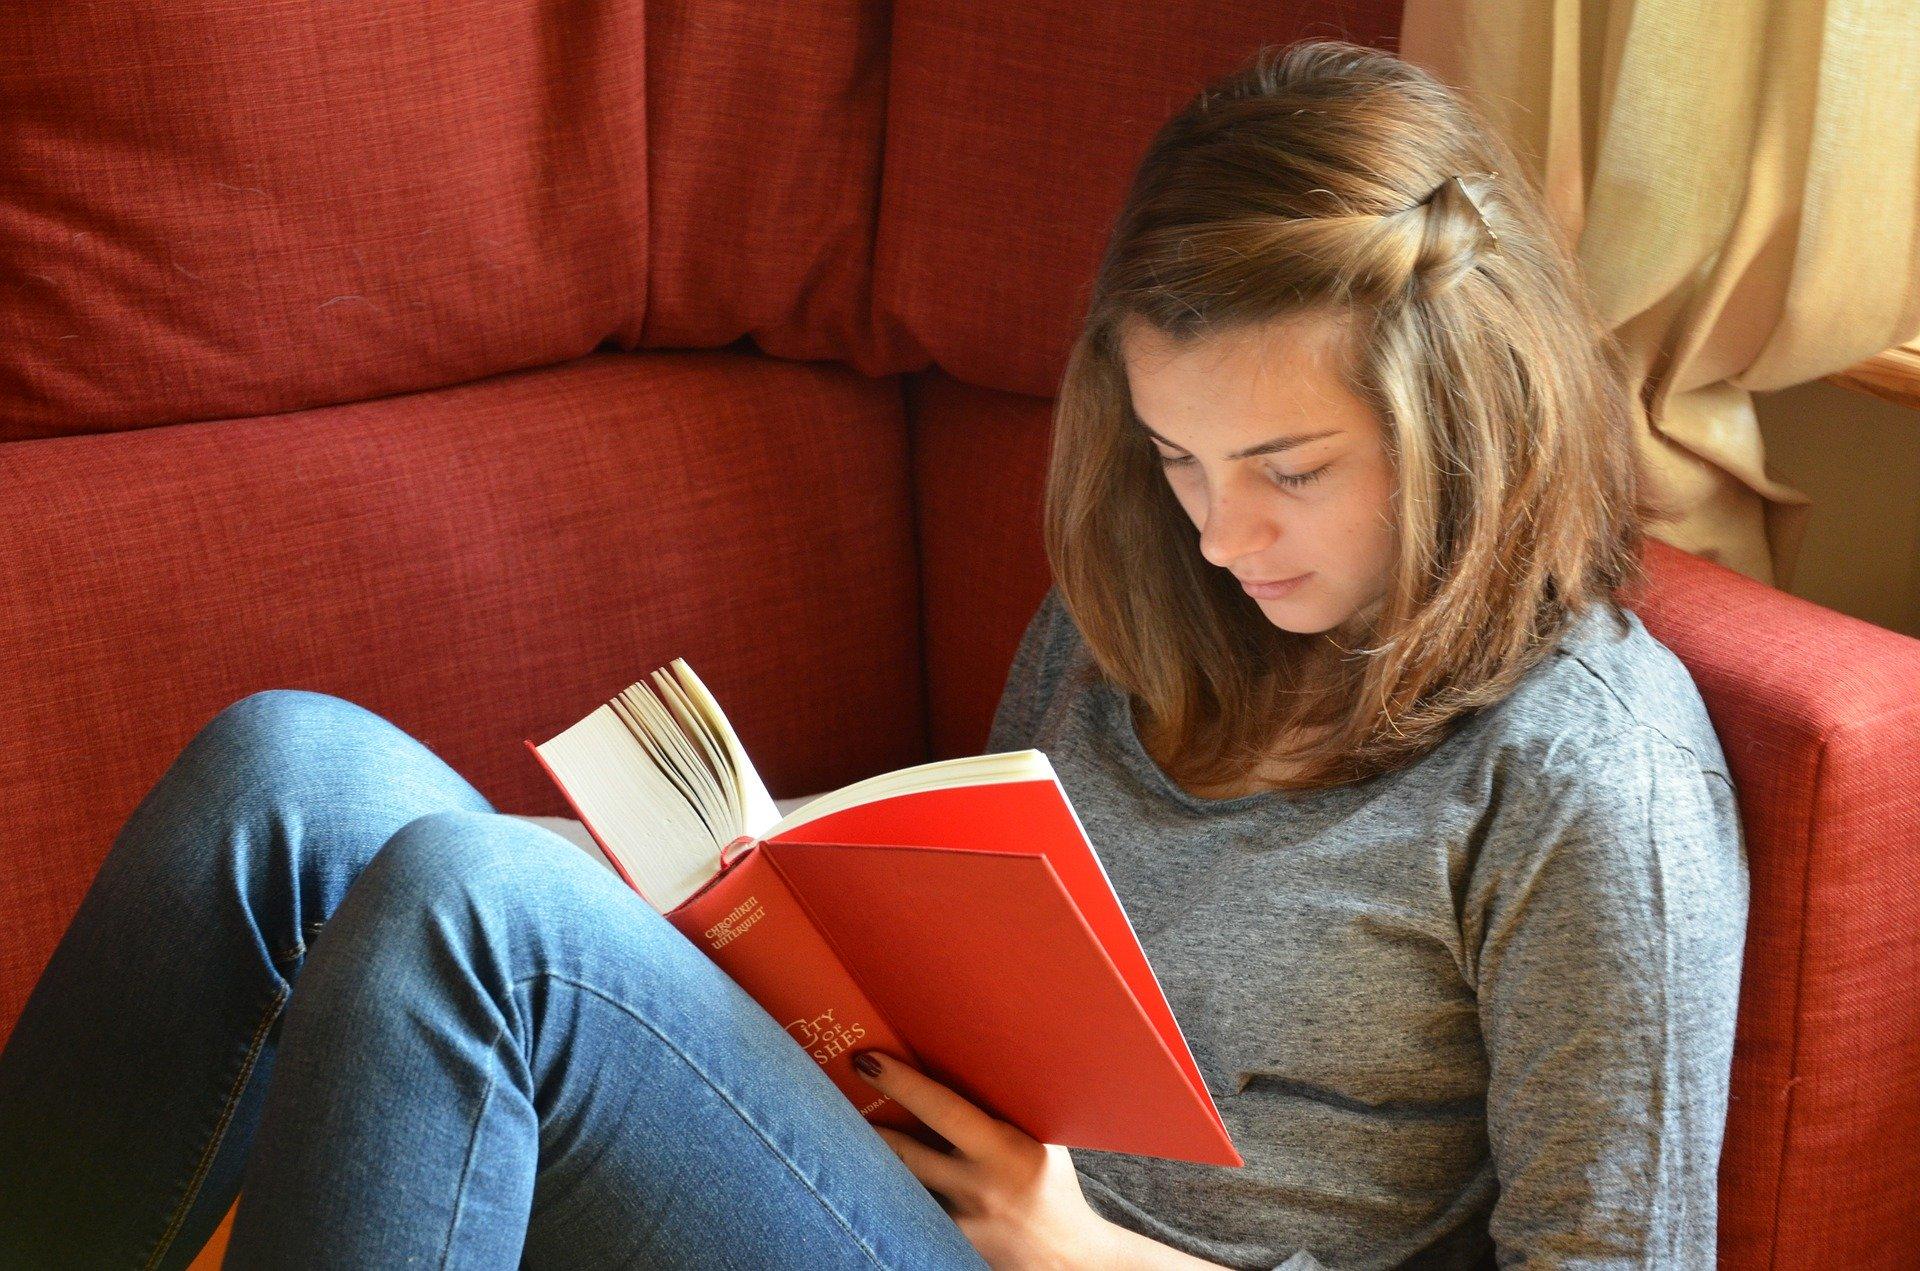 Imagem mostra uma jovem mulher lendo um livro.